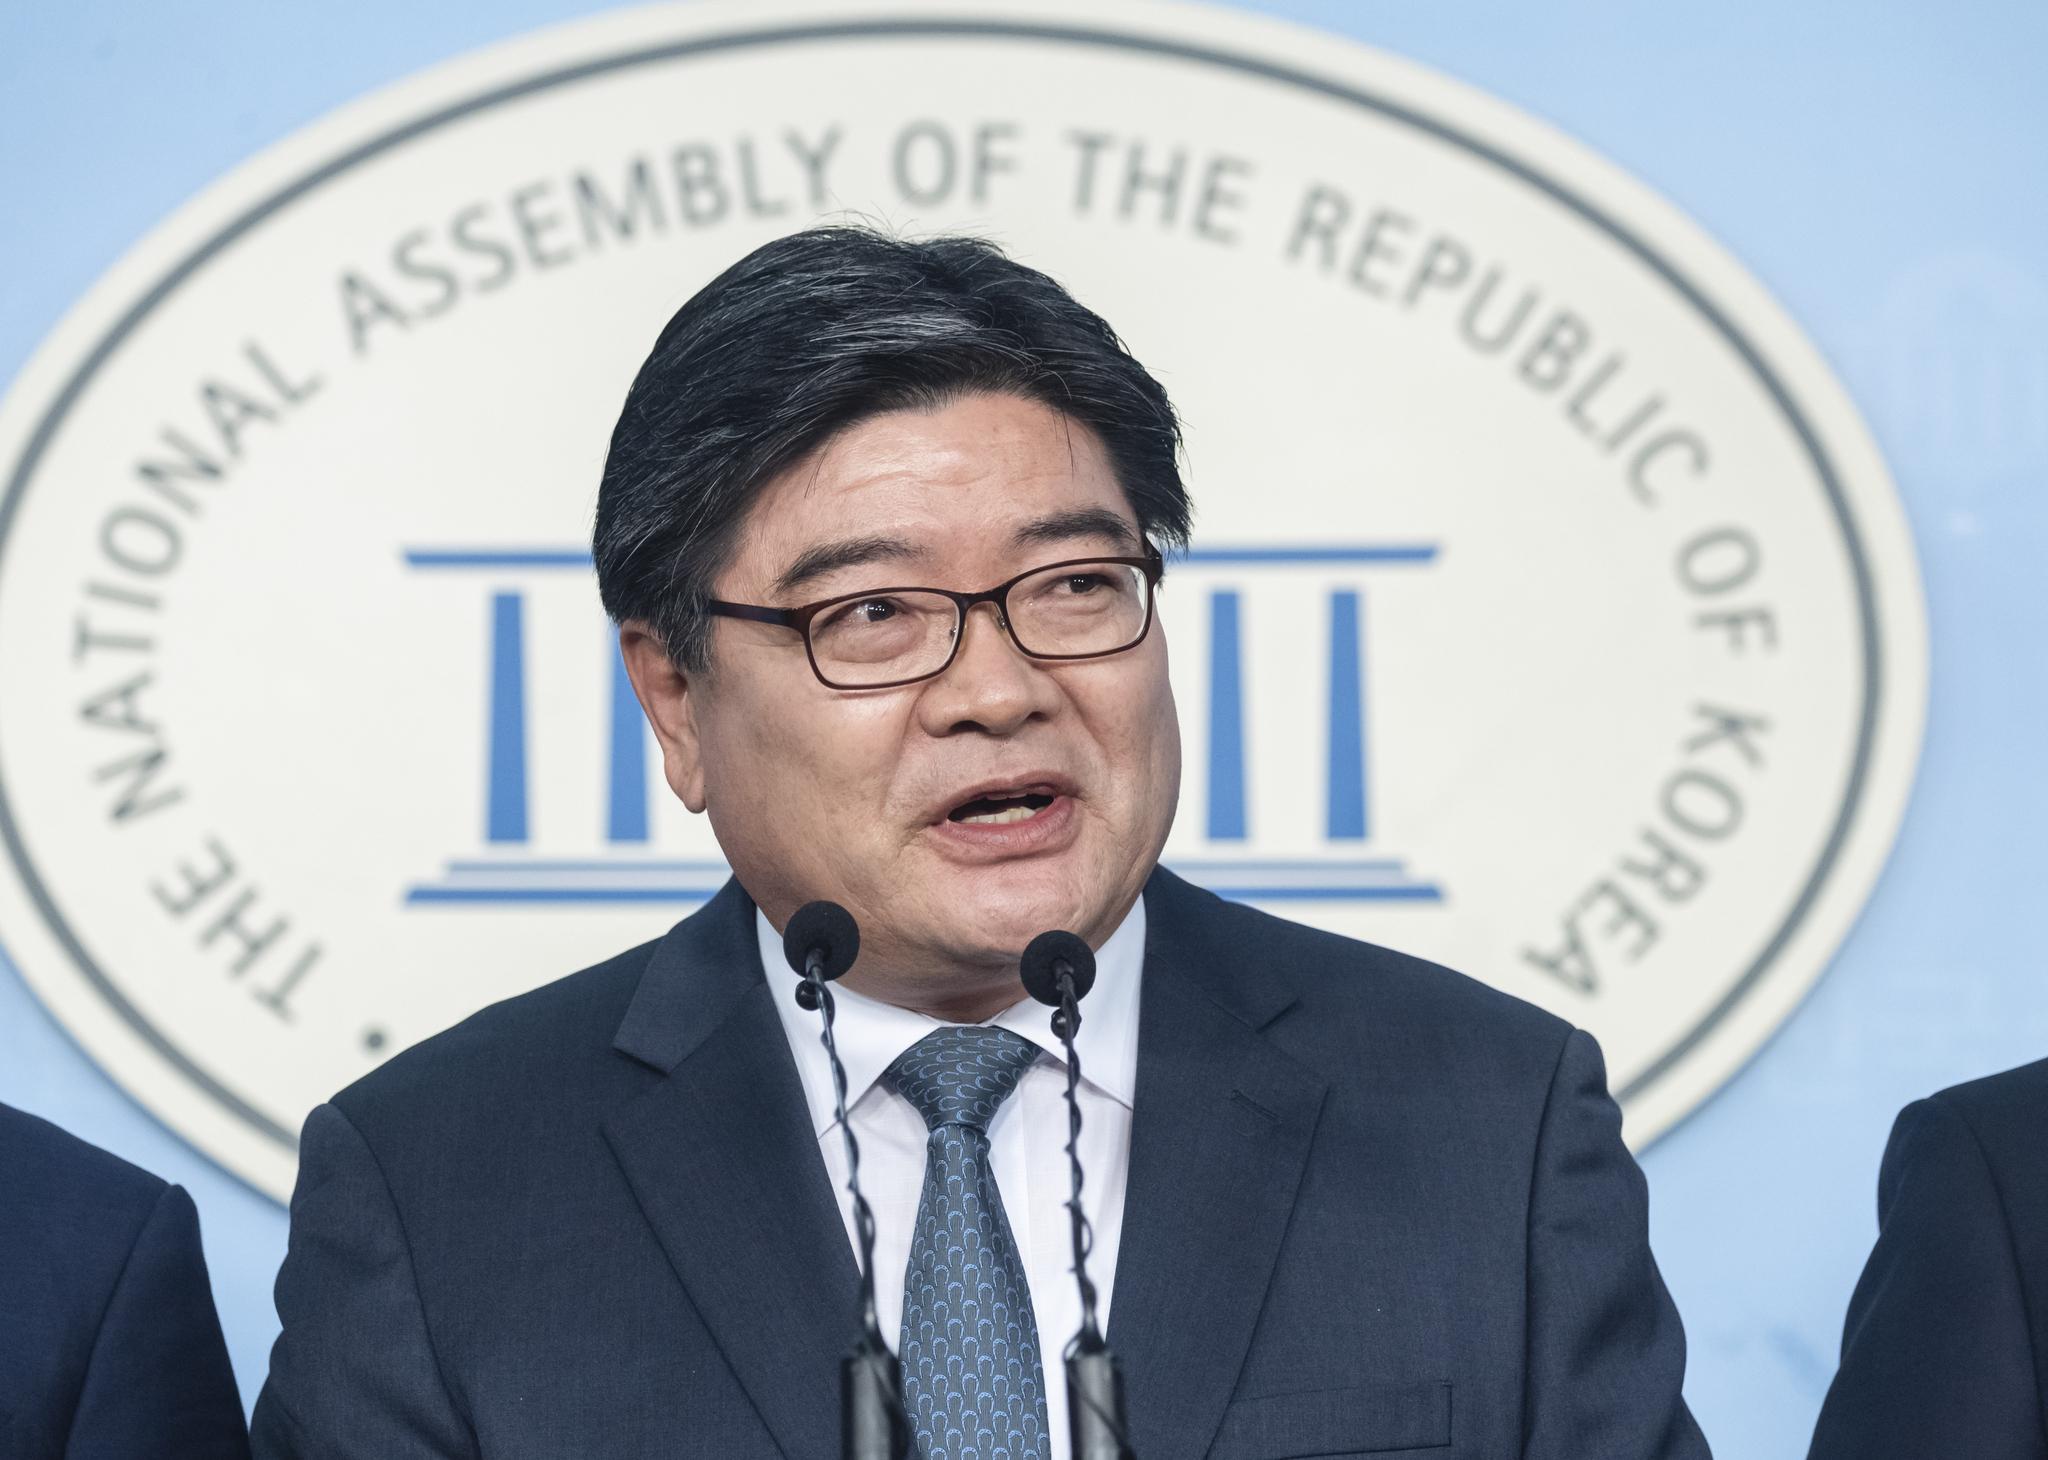 8월 31일 국민연금공단 이사장에 임명된 김용진 전 기획재정부 제2차관. 중앙포토